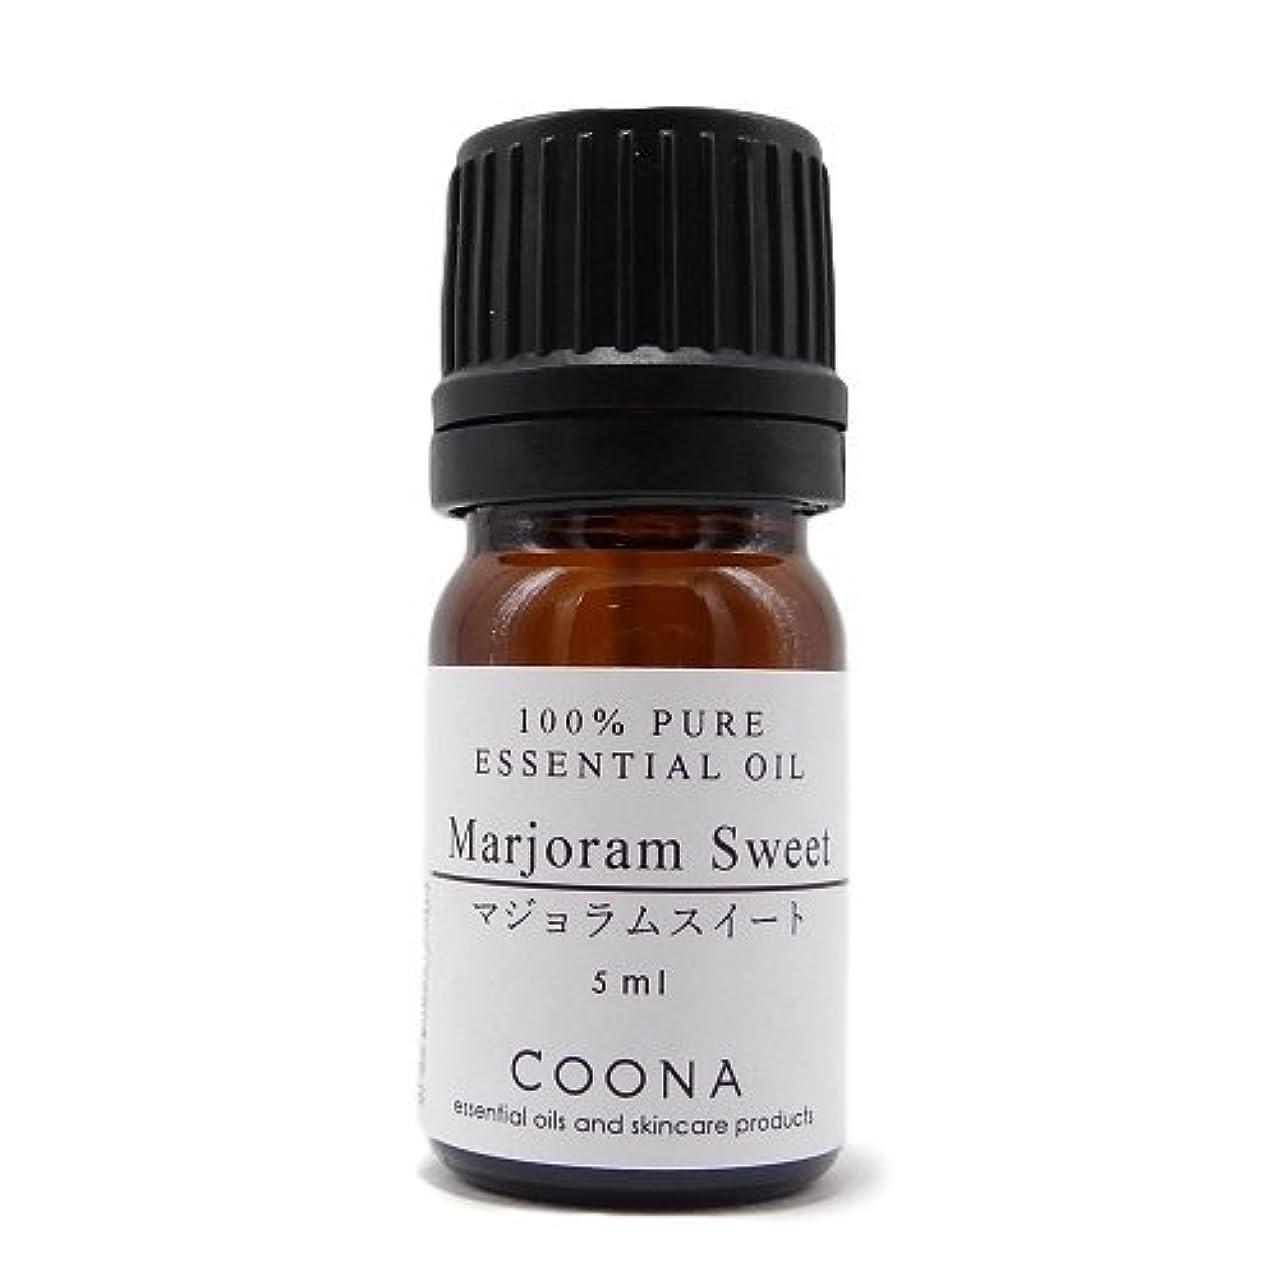 自発小康ひどくマジョラム スイート 5 ml (COONA エッセンシャルオイル アロマオイル 100%天然植物精油)